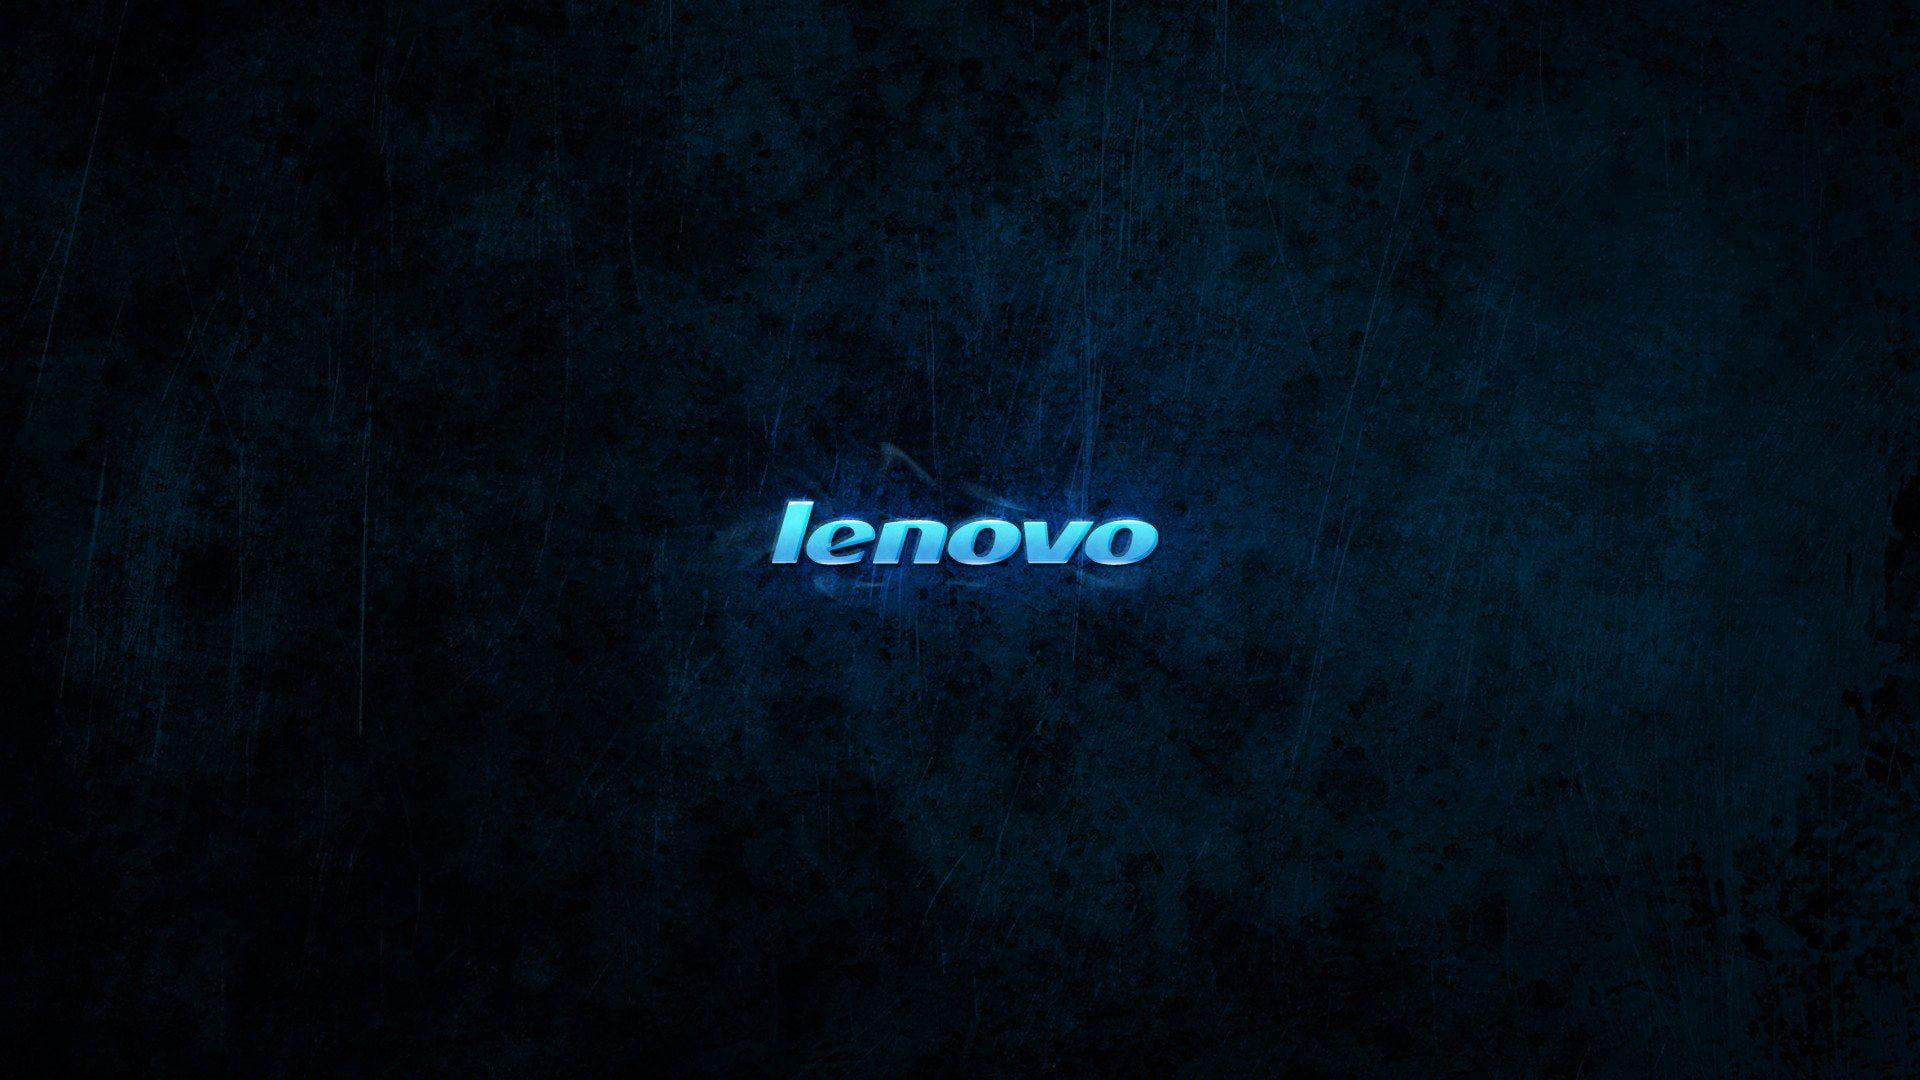 Blue Dark Lenovo 1080p Wallpaper Hdwallpaper Desktop In 2021 Lenovo Wallpapers Lenovo Wallpaper Lenovo Logo